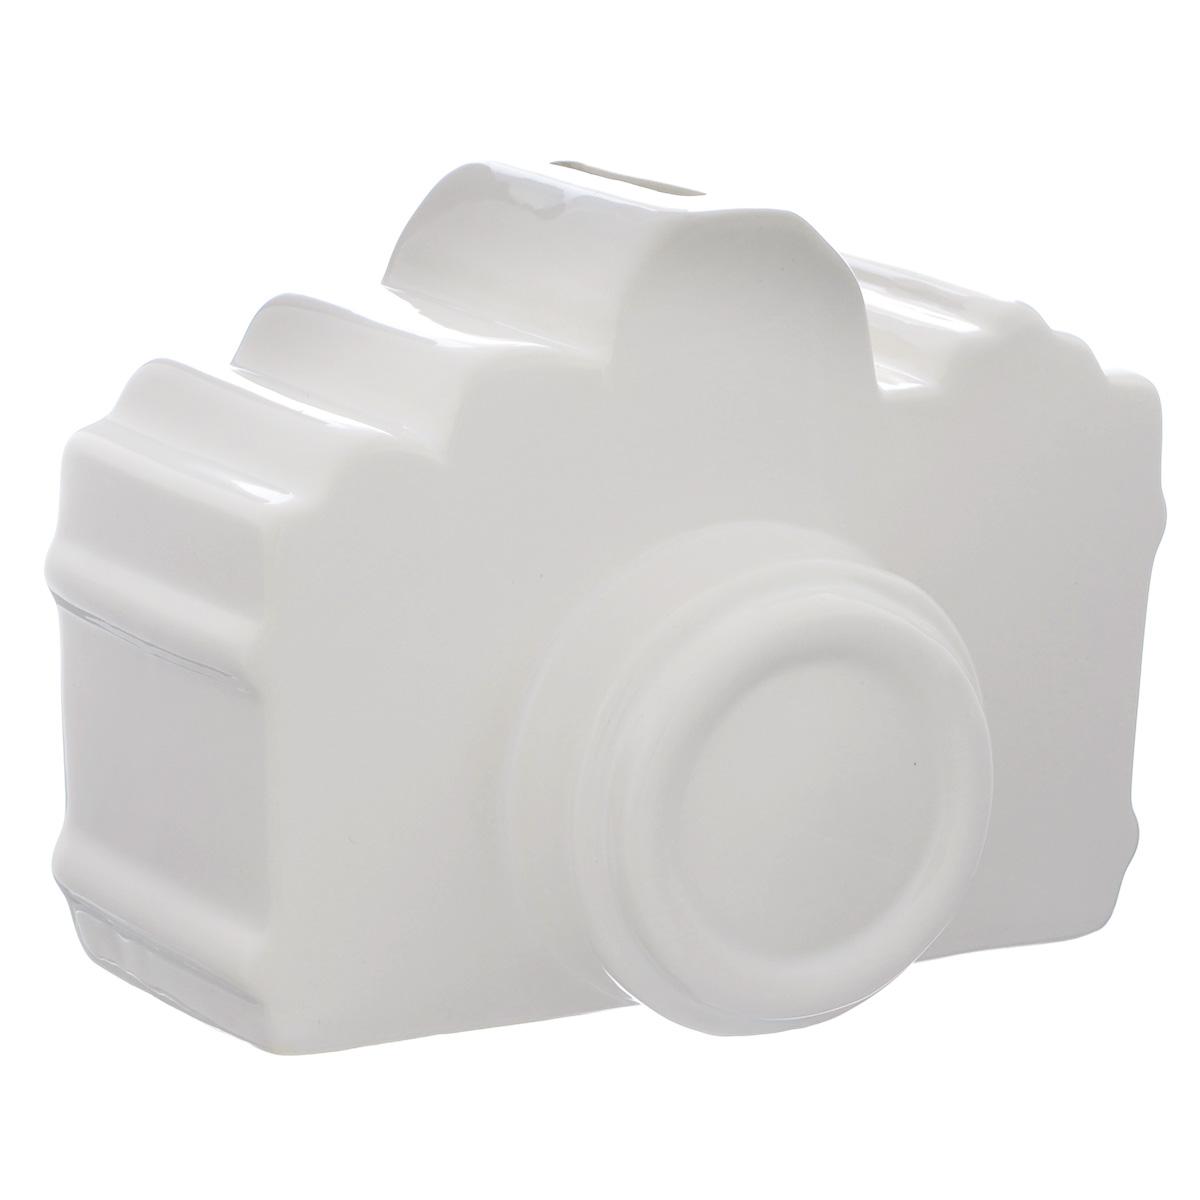 Копилка декоративная Фотоаппарат, цвет: белый506107Декоративная копилка Фотоаппарат изготовлена из доломитовой керамики. Яркий оригинальный дизайн сделает такую копилку прекрасным подарком. Она послужит не только по своему прямому назначению, но и красиво дополнит интерьер комнаты.